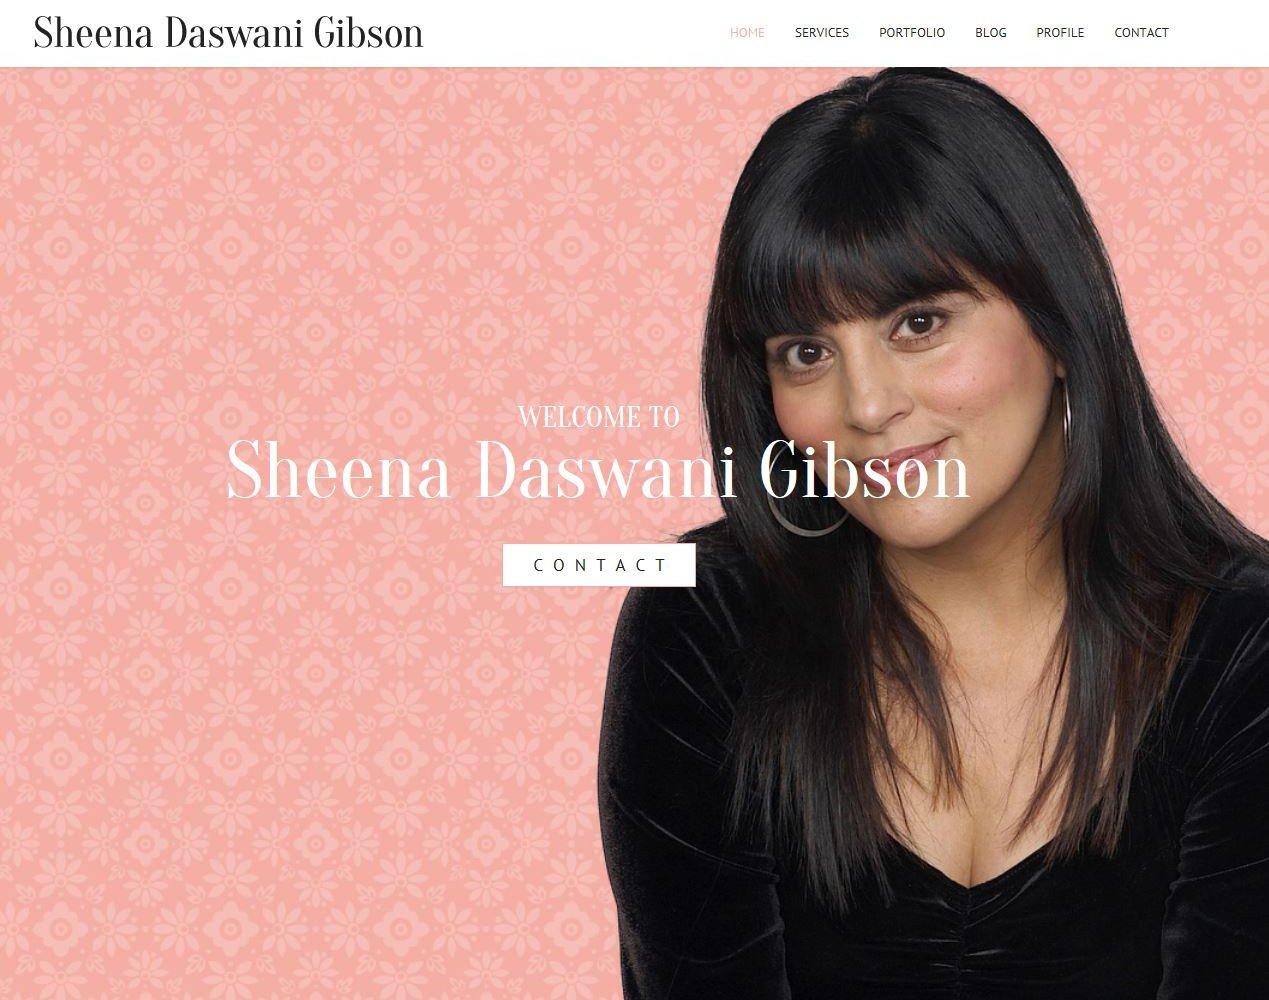 Sheena Daswani Gibson